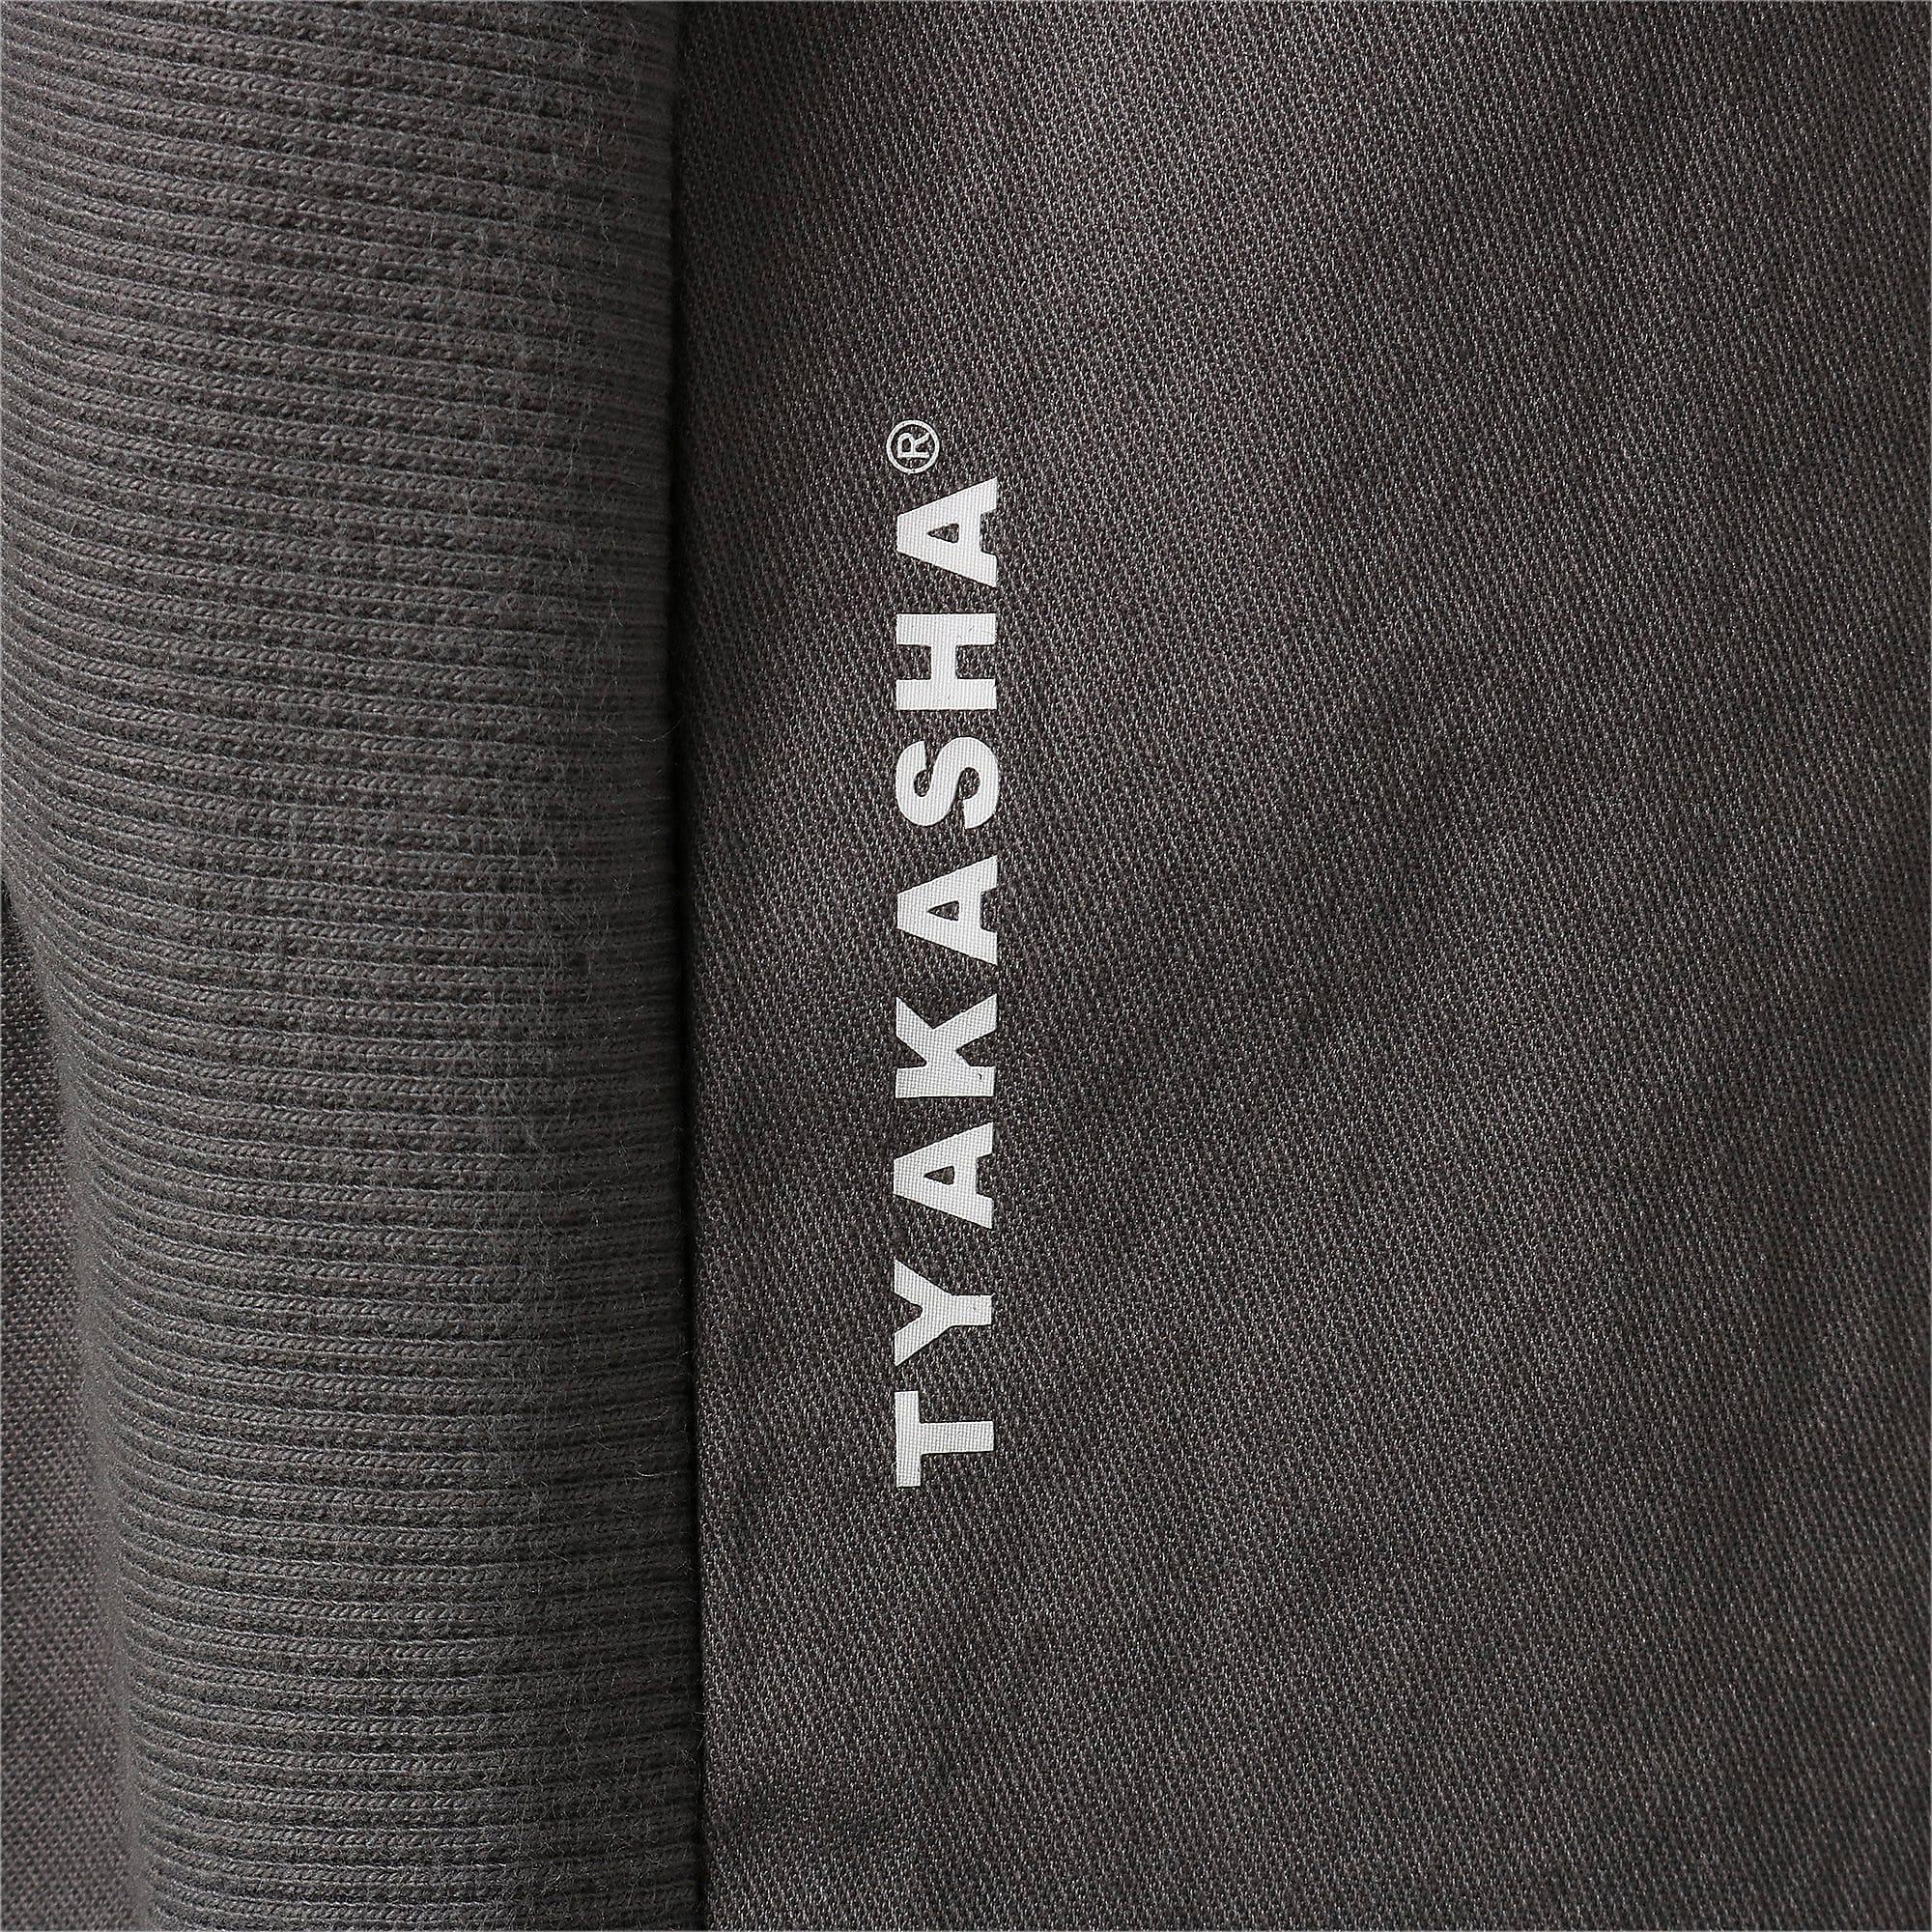 Thumbnail 9 of PUMA x TYAKASHA トラックパンツ, CASTLEROCK, medium-JPN